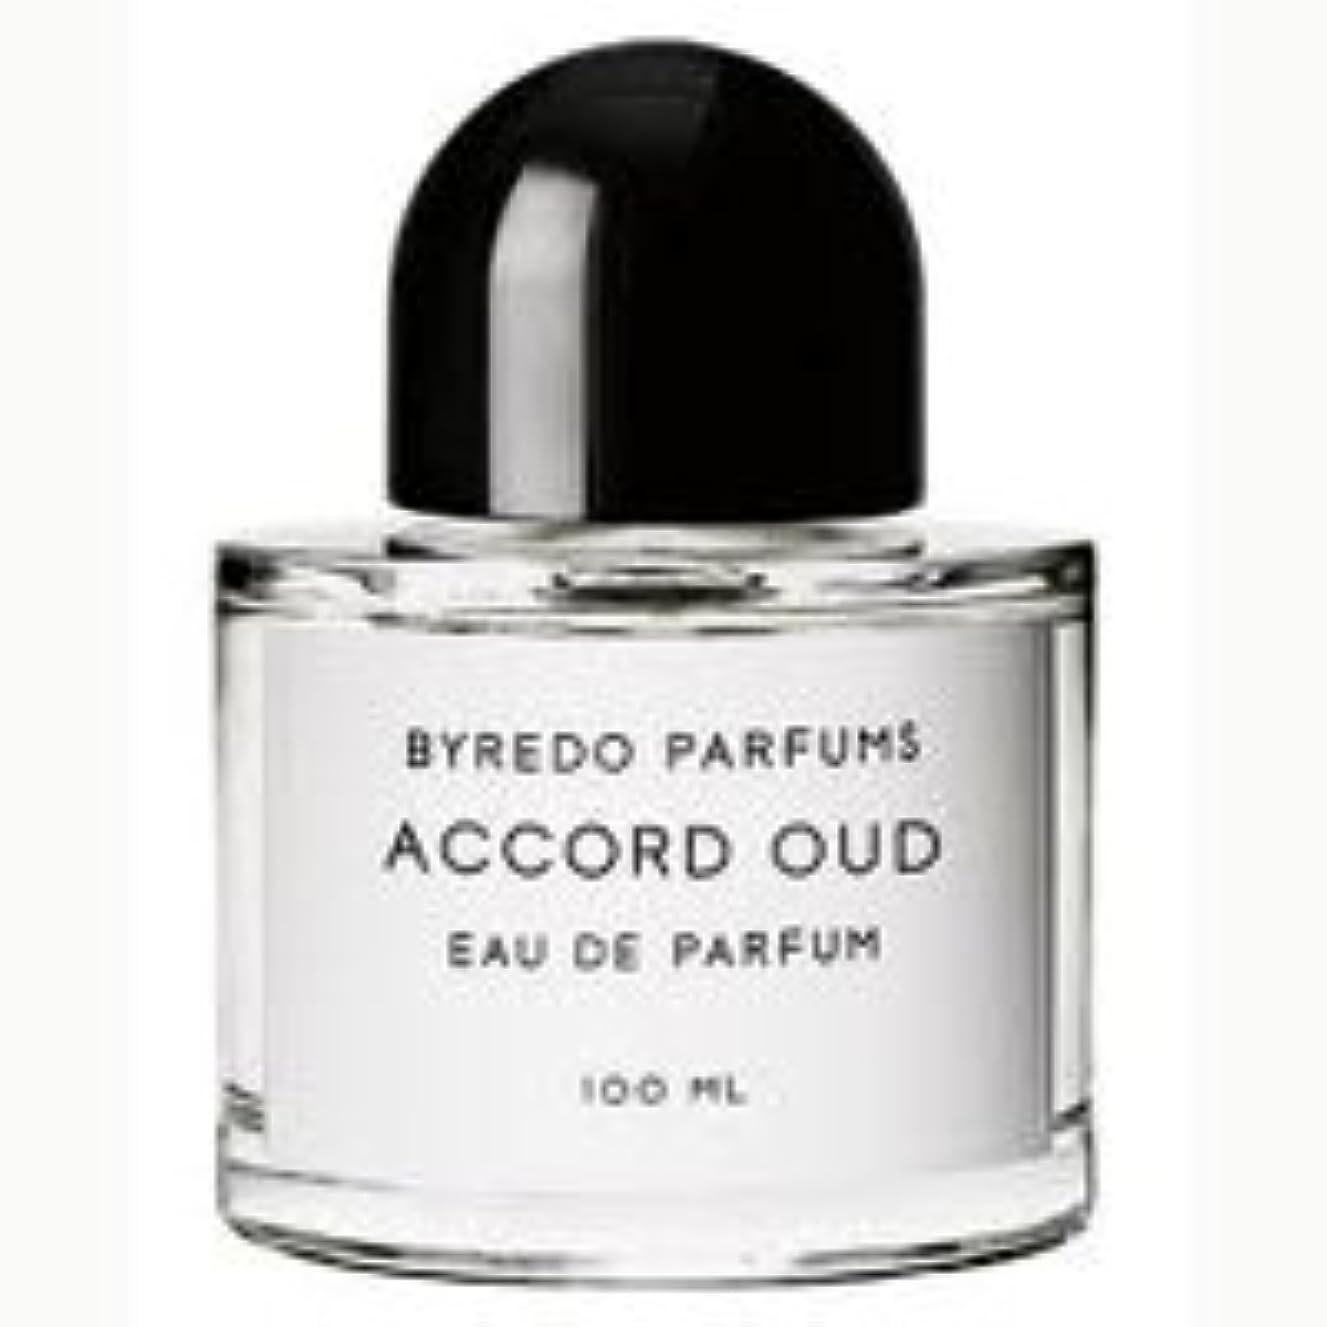 降下中央増加するバレード アコード ウード オードパルファム 50ml BYREDO PARFUMS ACCORD OUD EDP [6076]